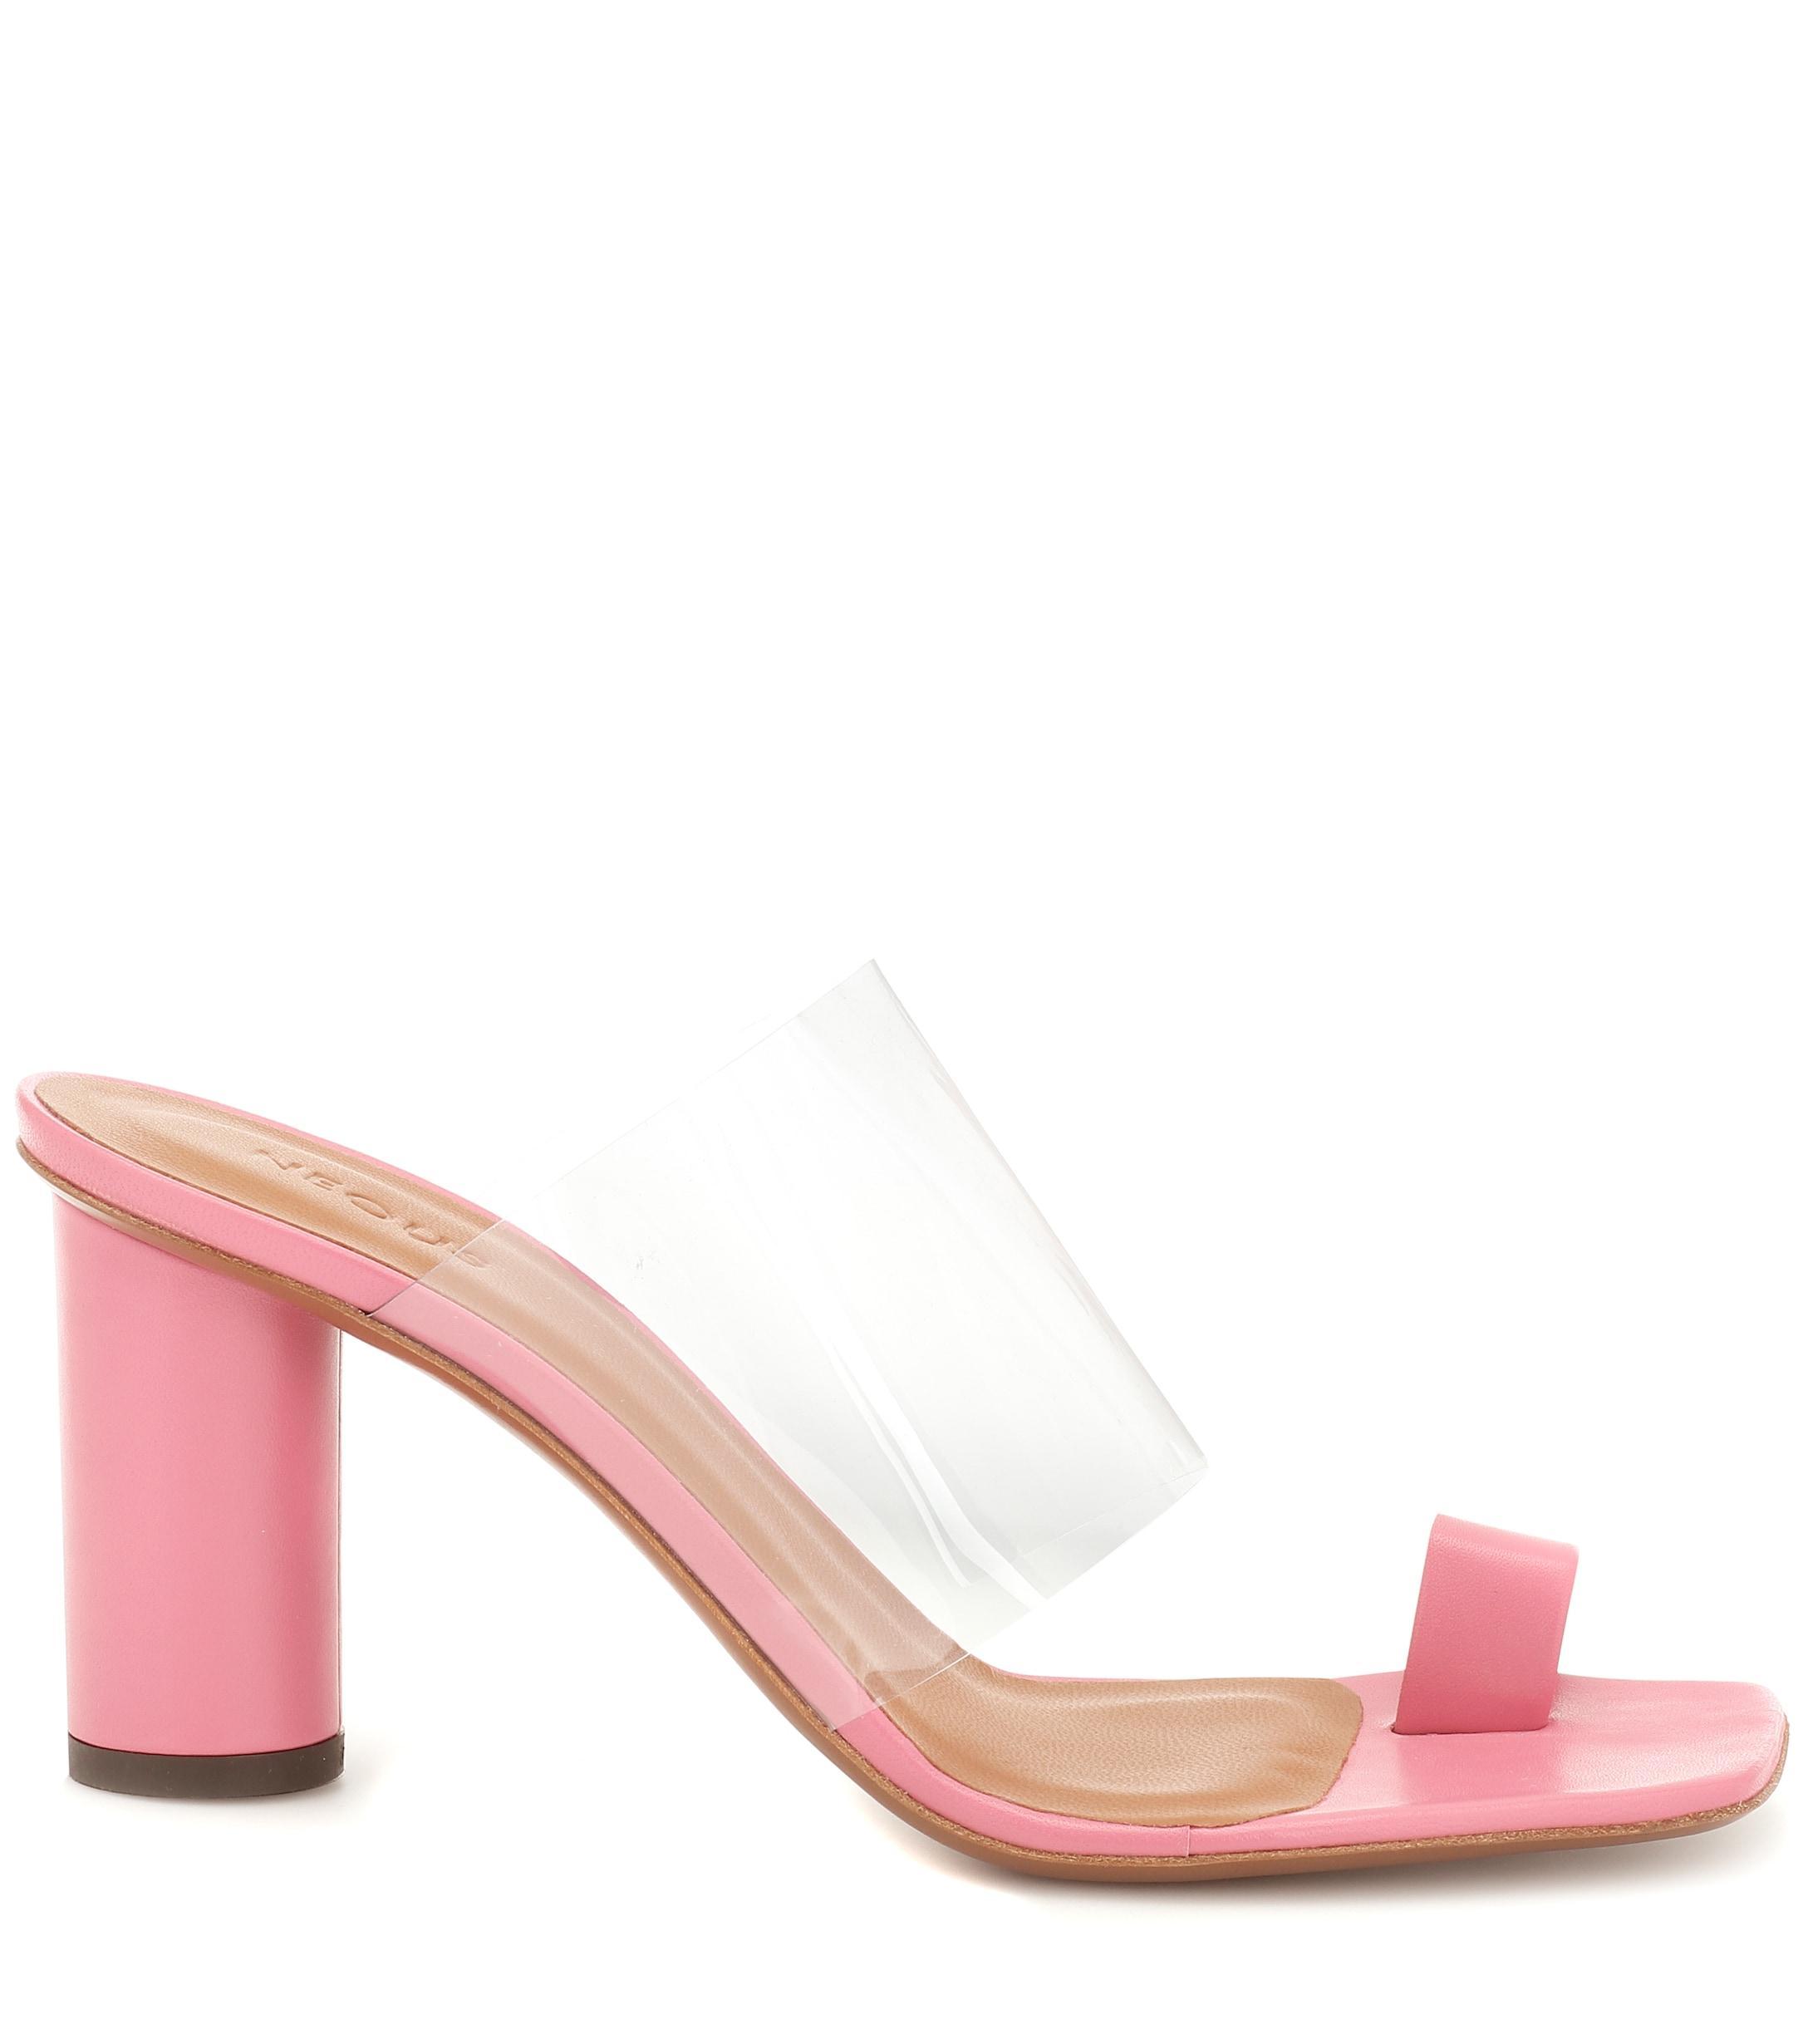 Exclusivité Mytheresa �?Mules Chost en cuir et PVC Cuir Neous en coloris Rose